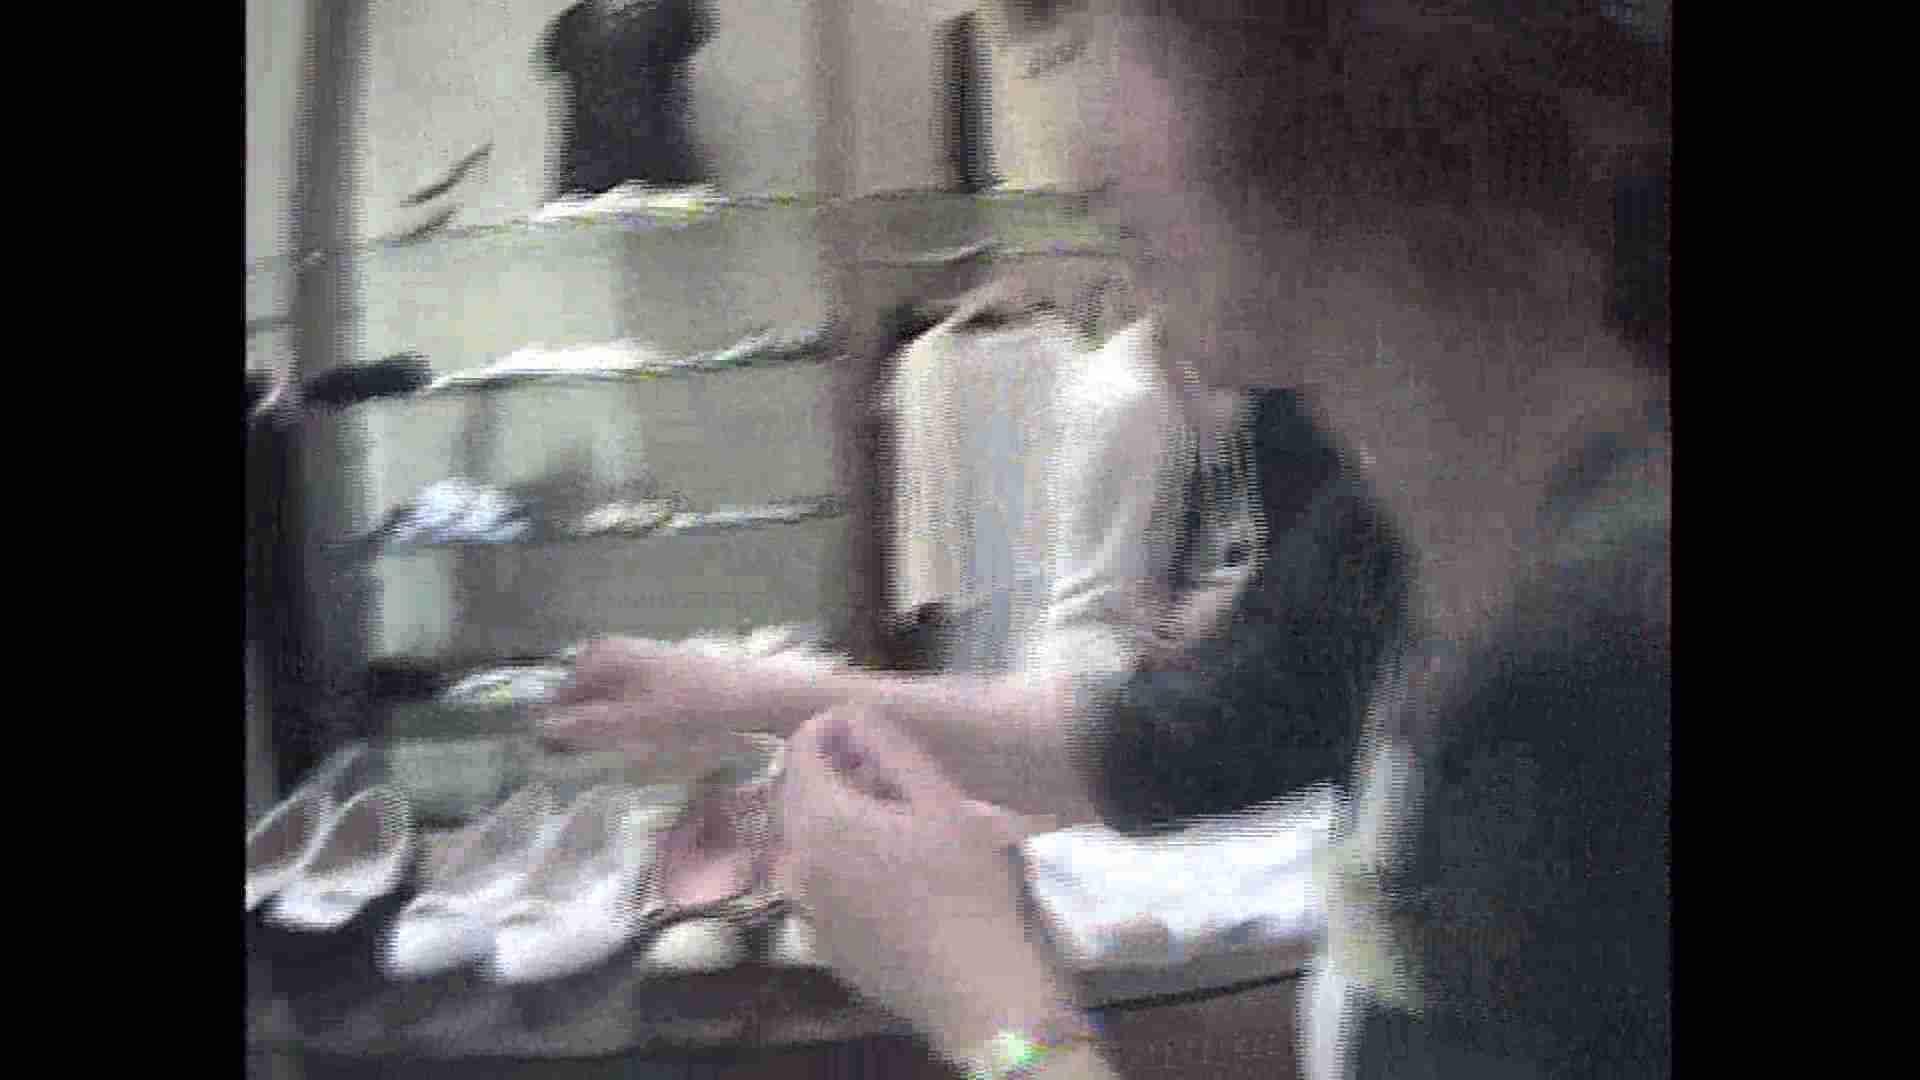 働く美女の谷間参拝 Vol.20 盗撮 セックス画像 93PIX 14